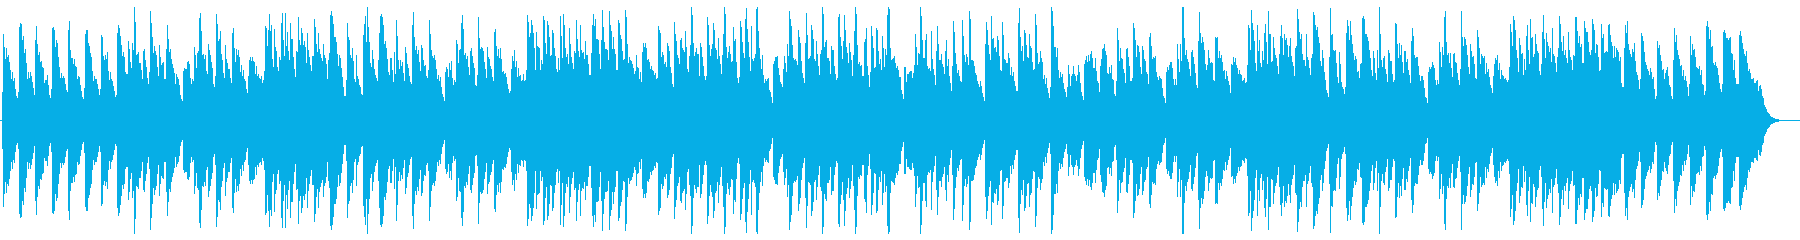 やさしくて癒されるオルゴールの再生済みの波形